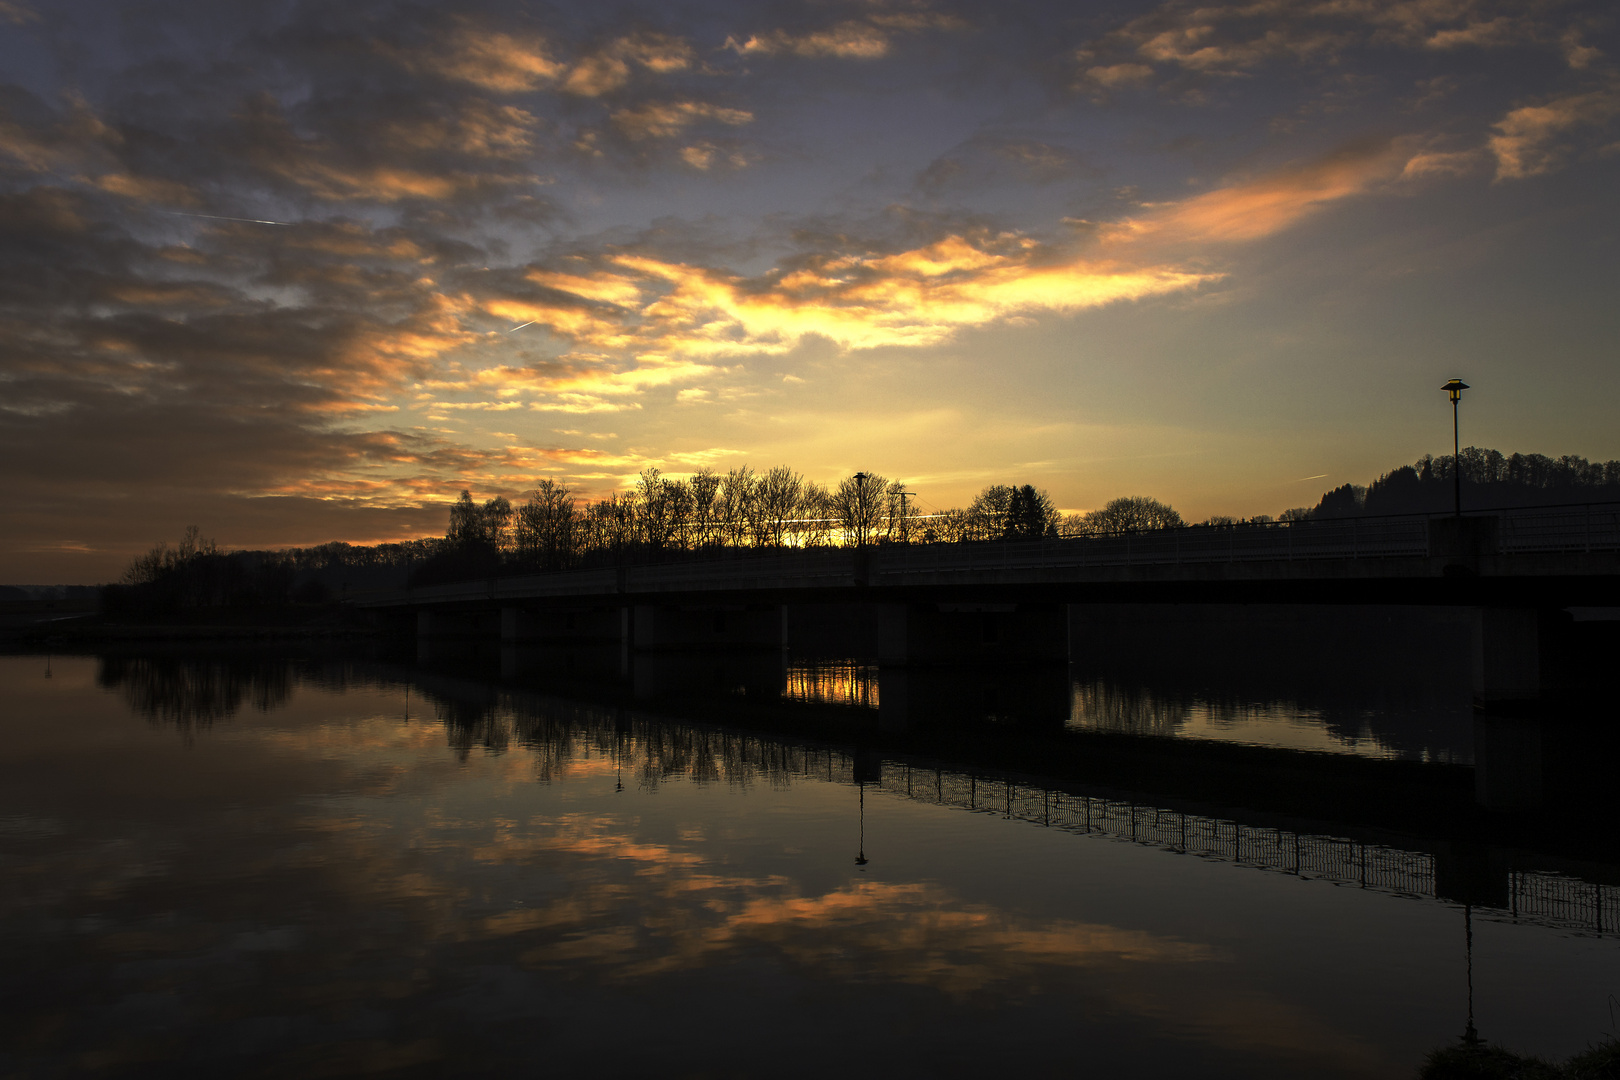 Innbrücke bei Sonnenaufgang